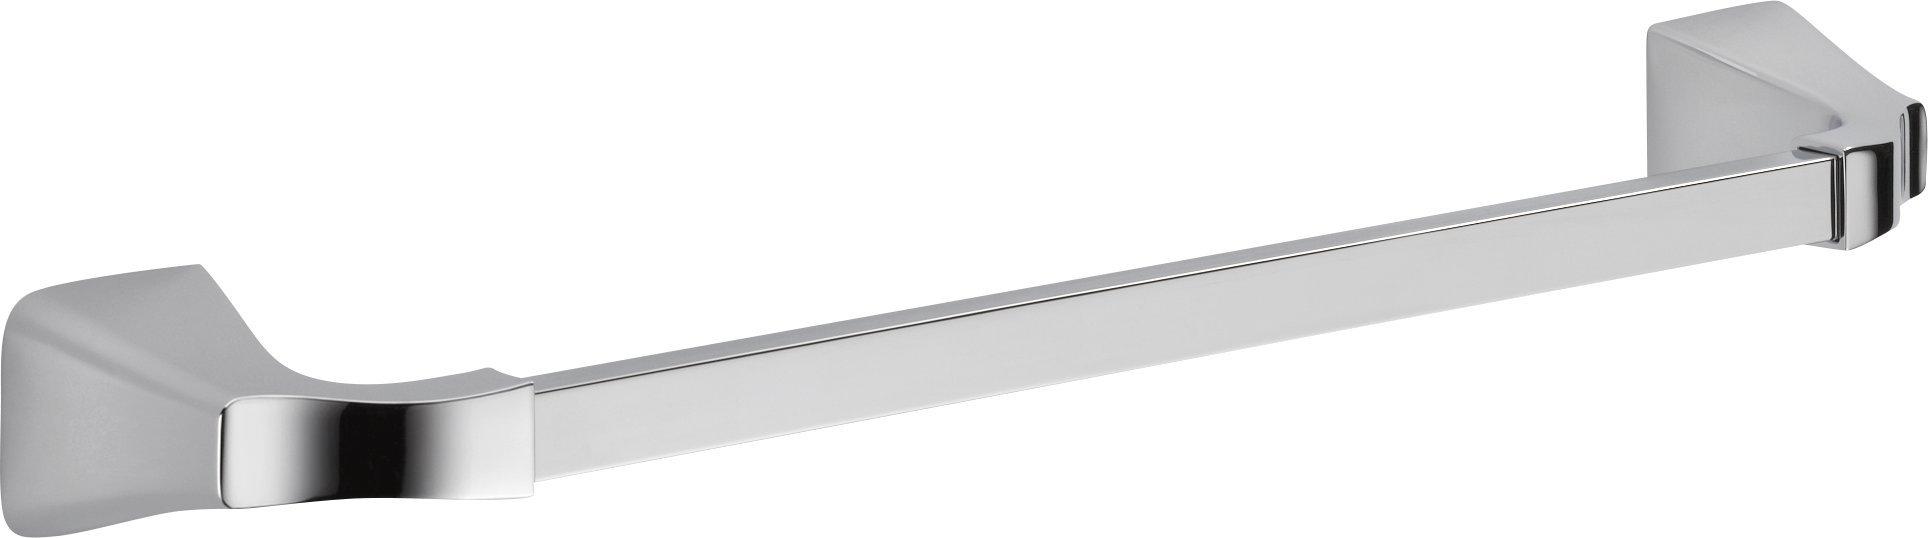 Delta Faucet 75218 Tesla Towel Bar, Chrome, 18'' by DELTA FAUCET (Image #1)